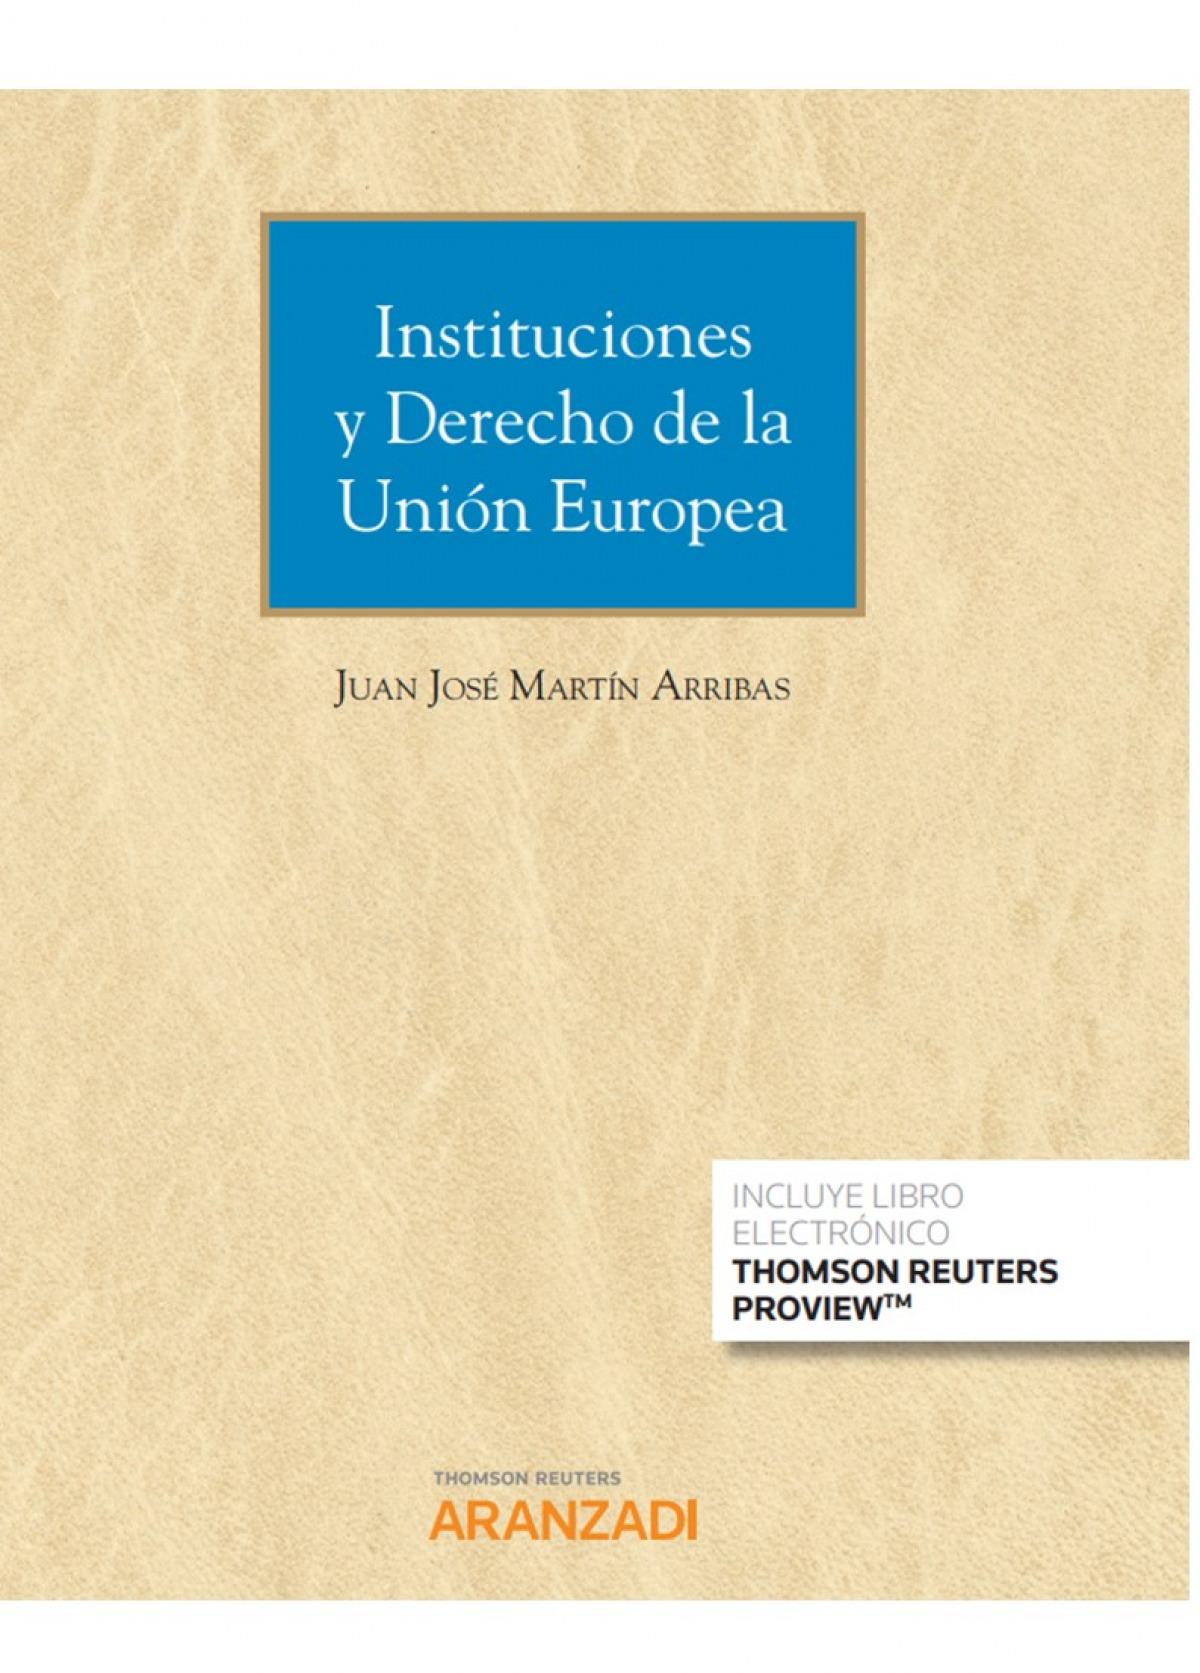 Instituciones y Derecho de la Unión Europea (Papel + e-book) 9788413457390